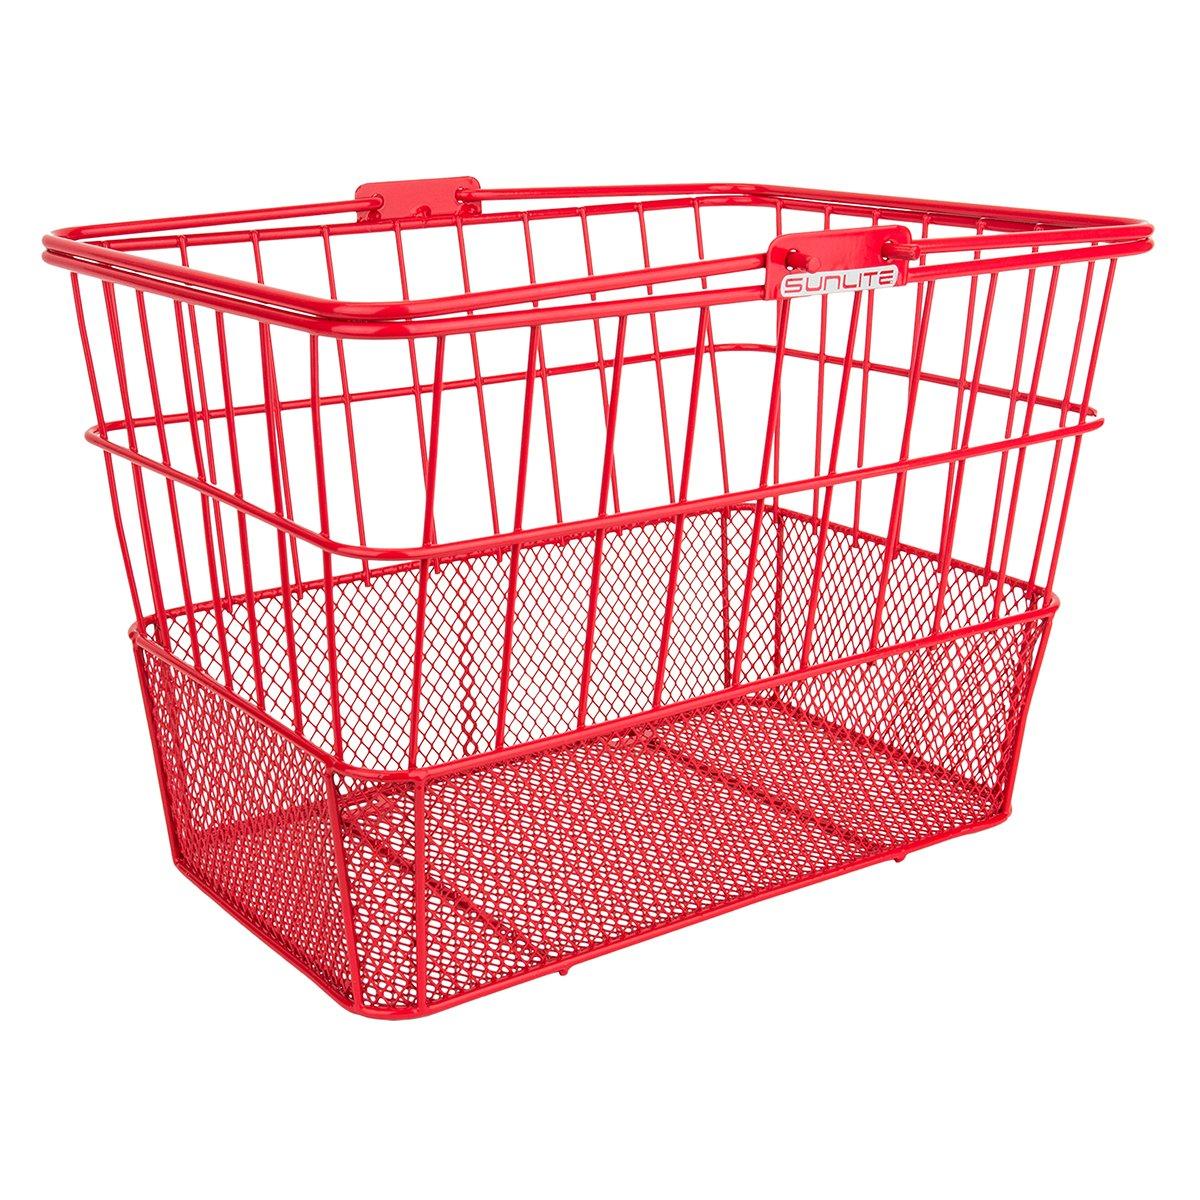 Sunlite Standard unten Lift-Off Netz Vorne Korb mit Halterung, Rot